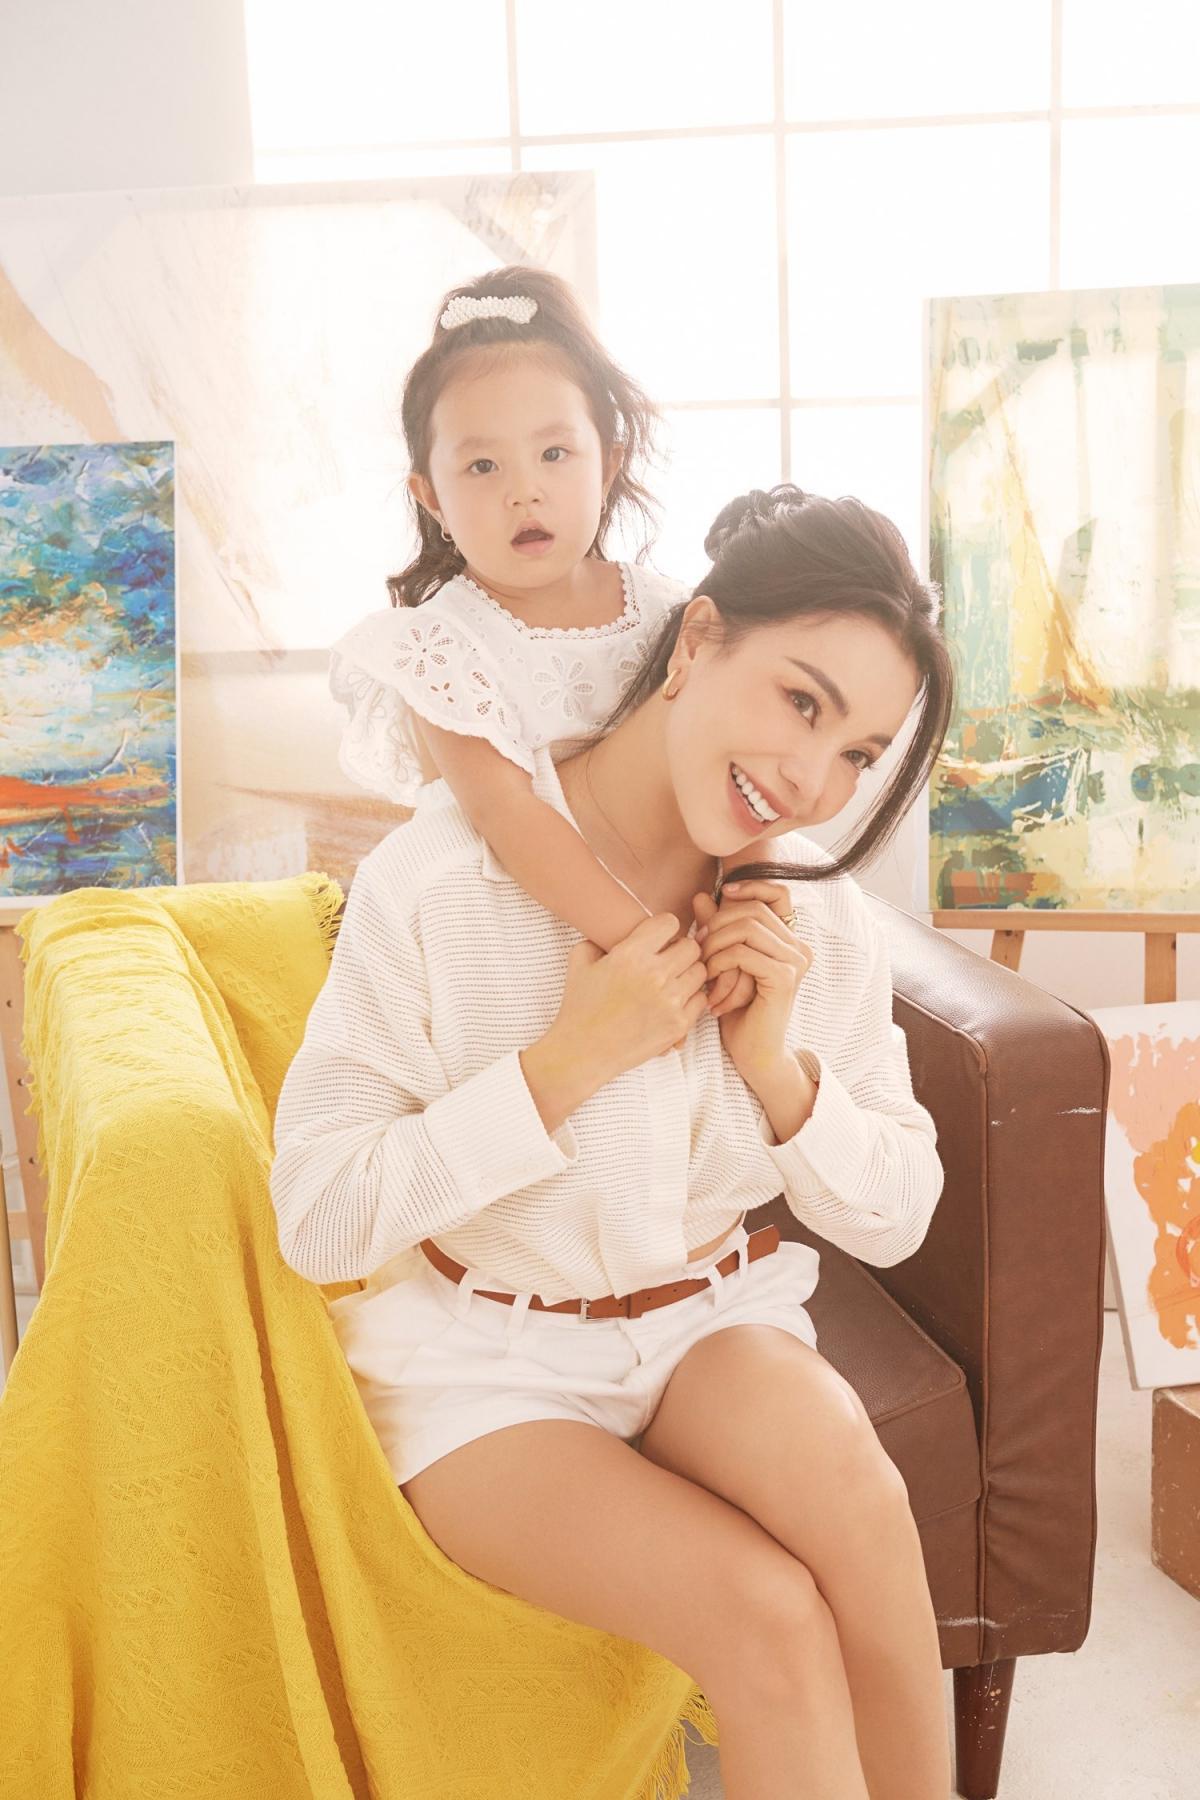 Trà Ngọc Hằng: 'Người lớn hãy vẽ những mảng màu đẹp đẽ cho con' Ảnh 8